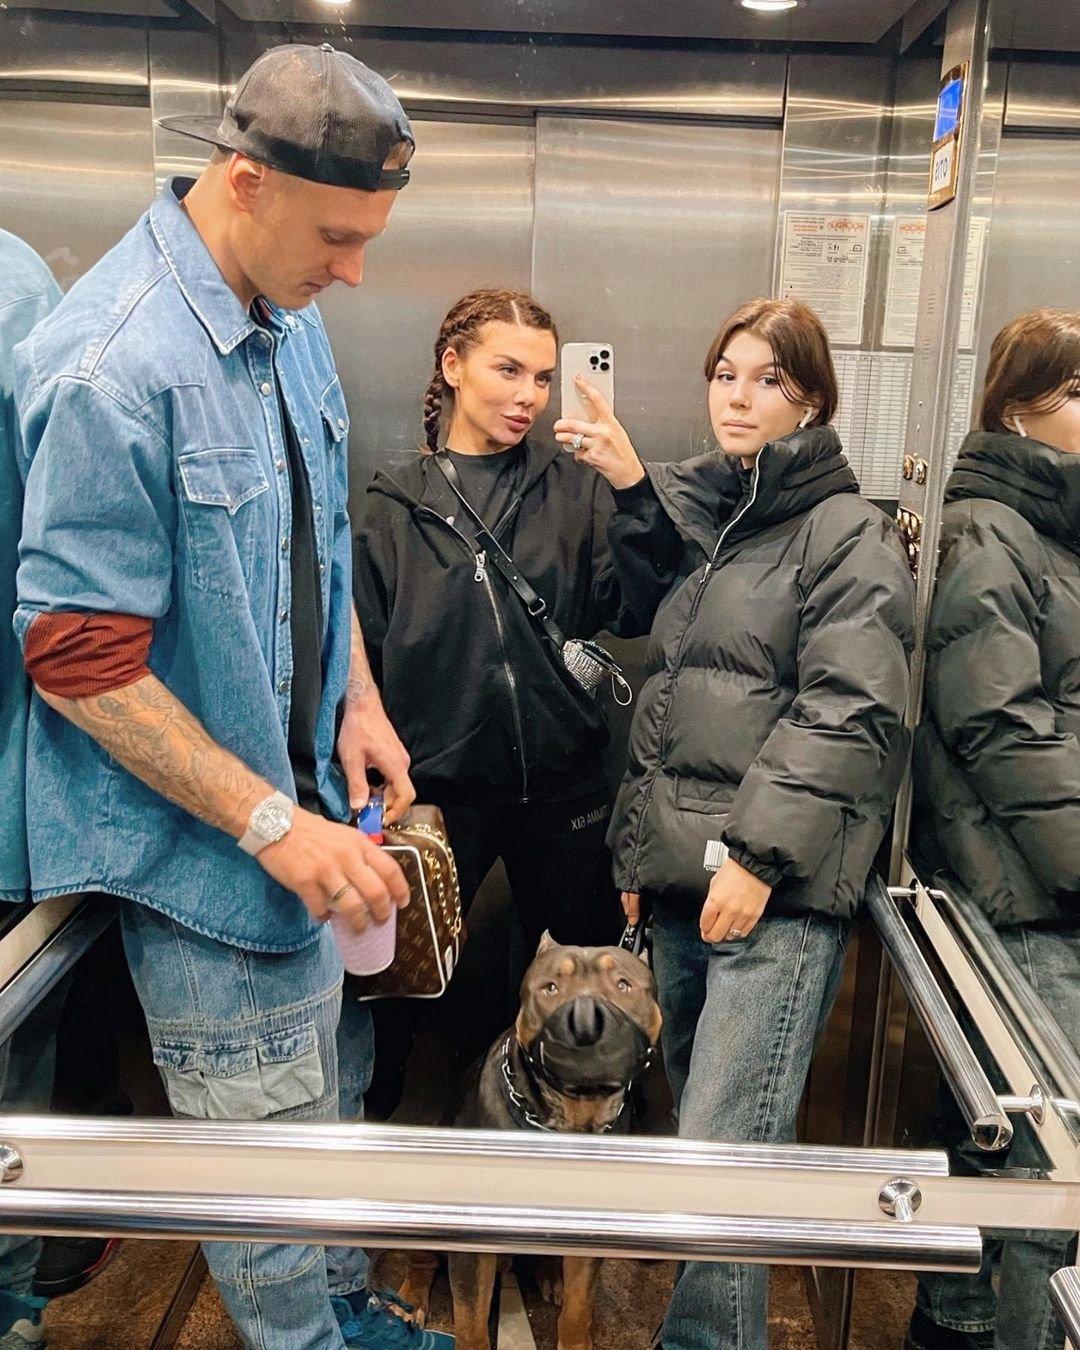 Анна Седокова выселит свою дочь из дома после совершеннолетия